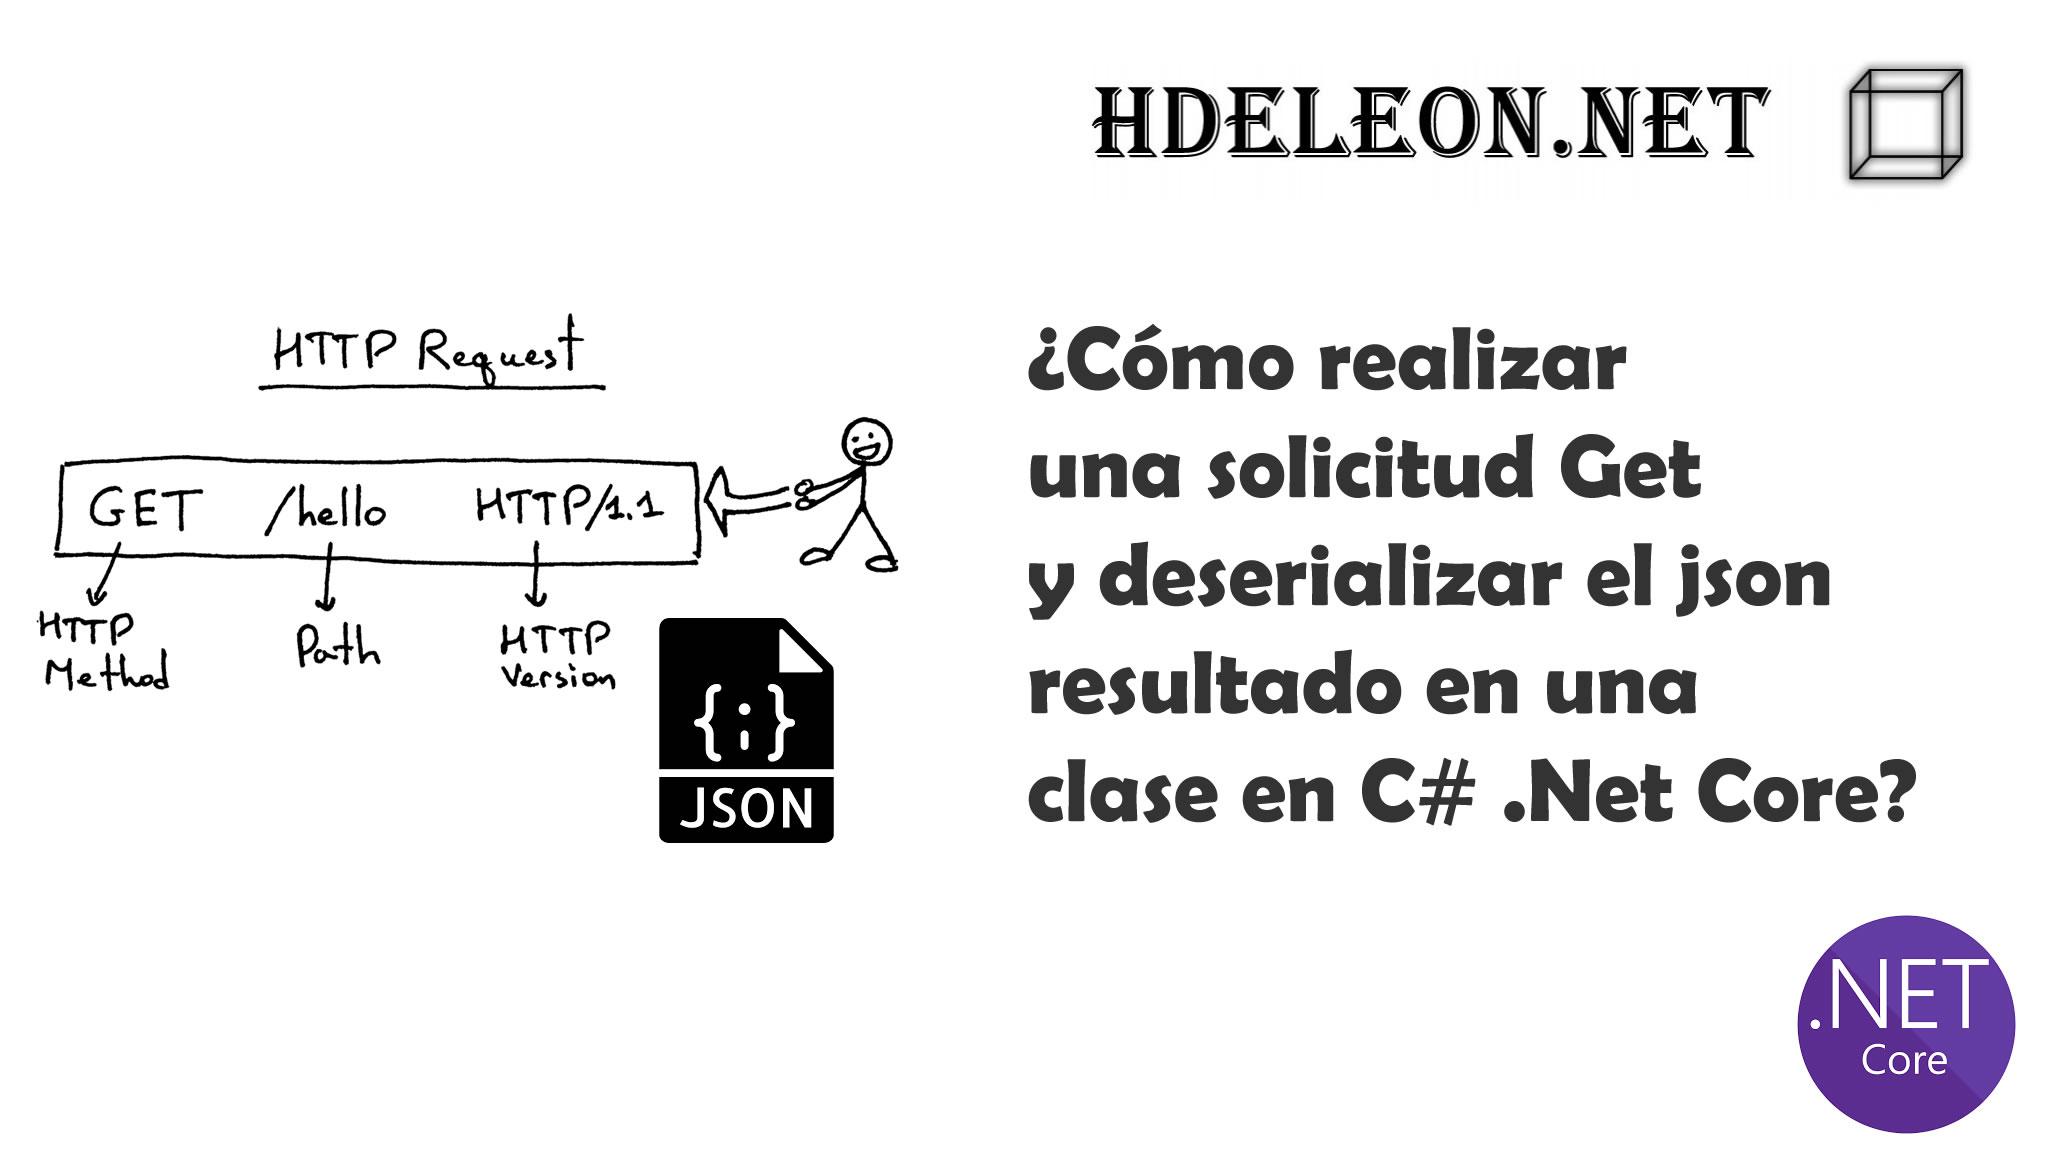 ¿Cómo realizar una solicitud Get y deserializar el json resultado en una clase en C# .Net Core?